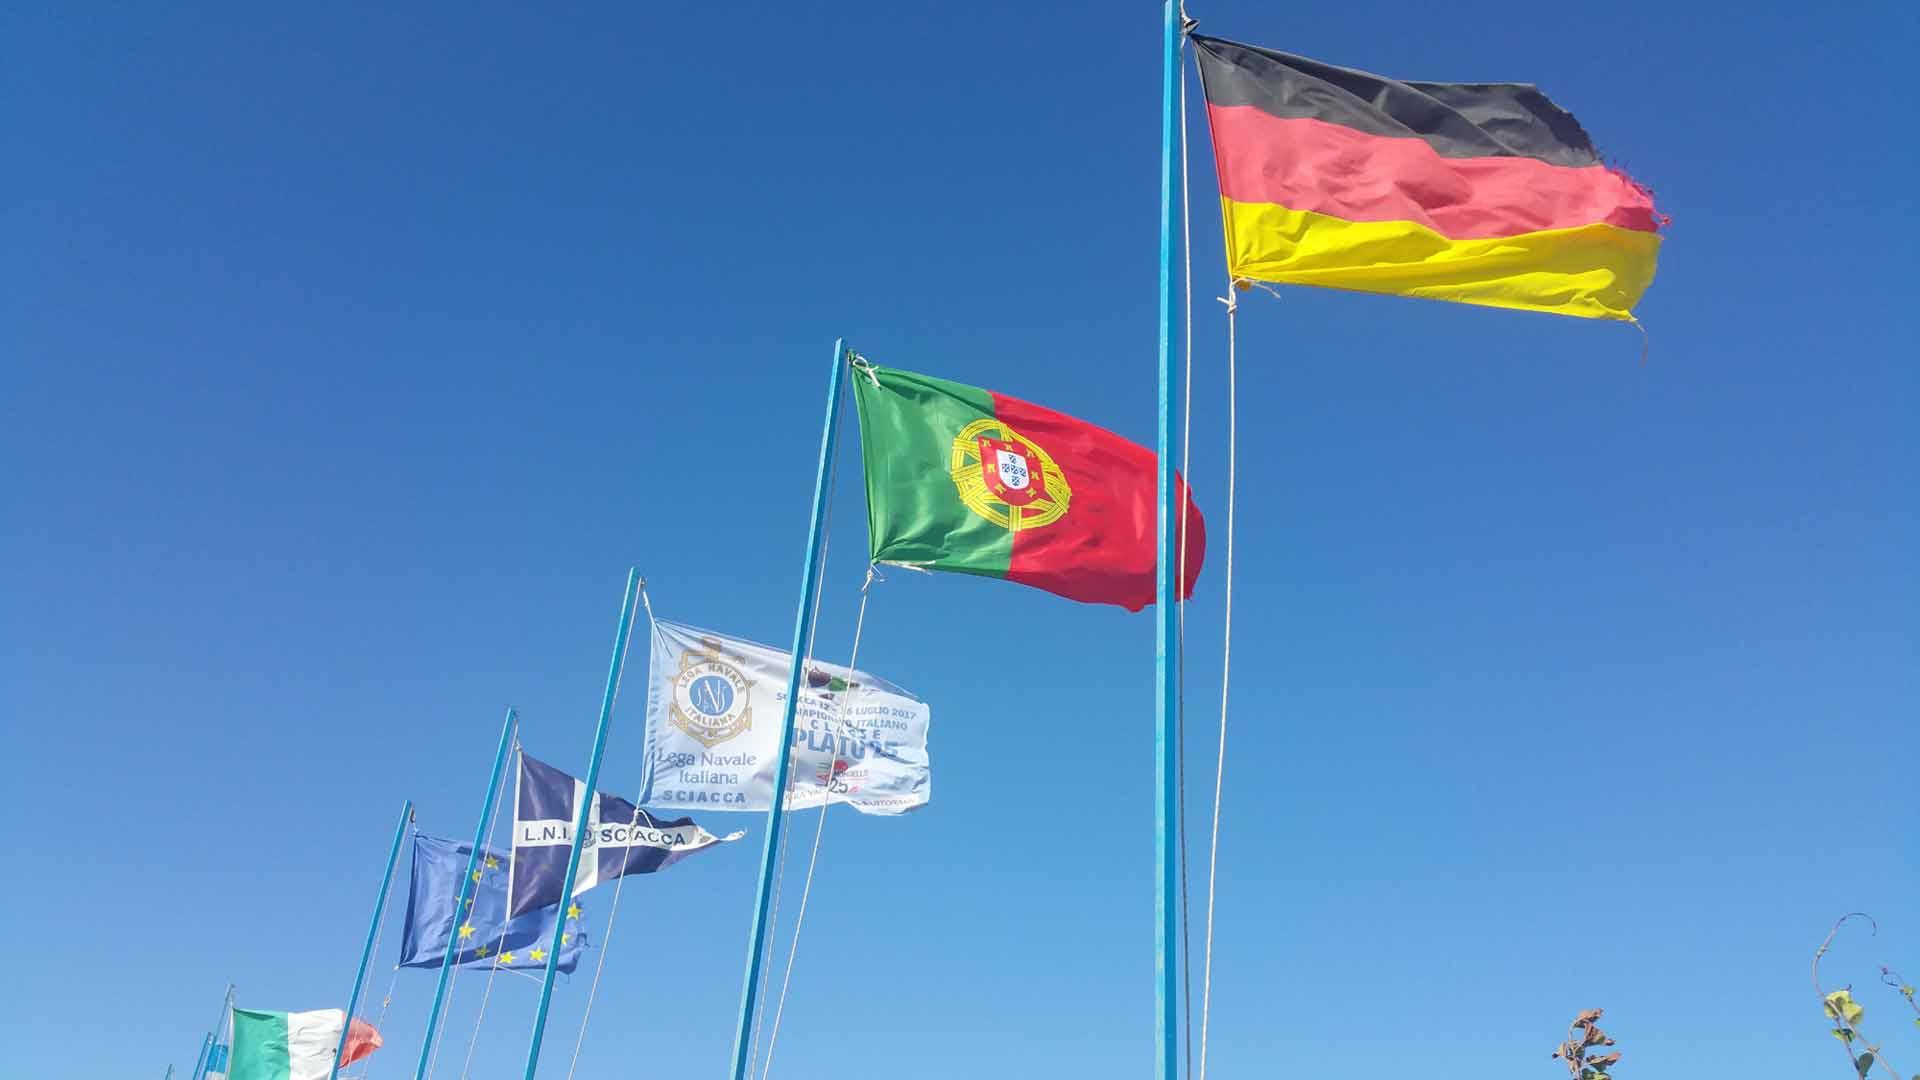 Sciacca porto bandiere periplo Sicilia Fontaine Pajot Saba 50 catamarano barca a vela